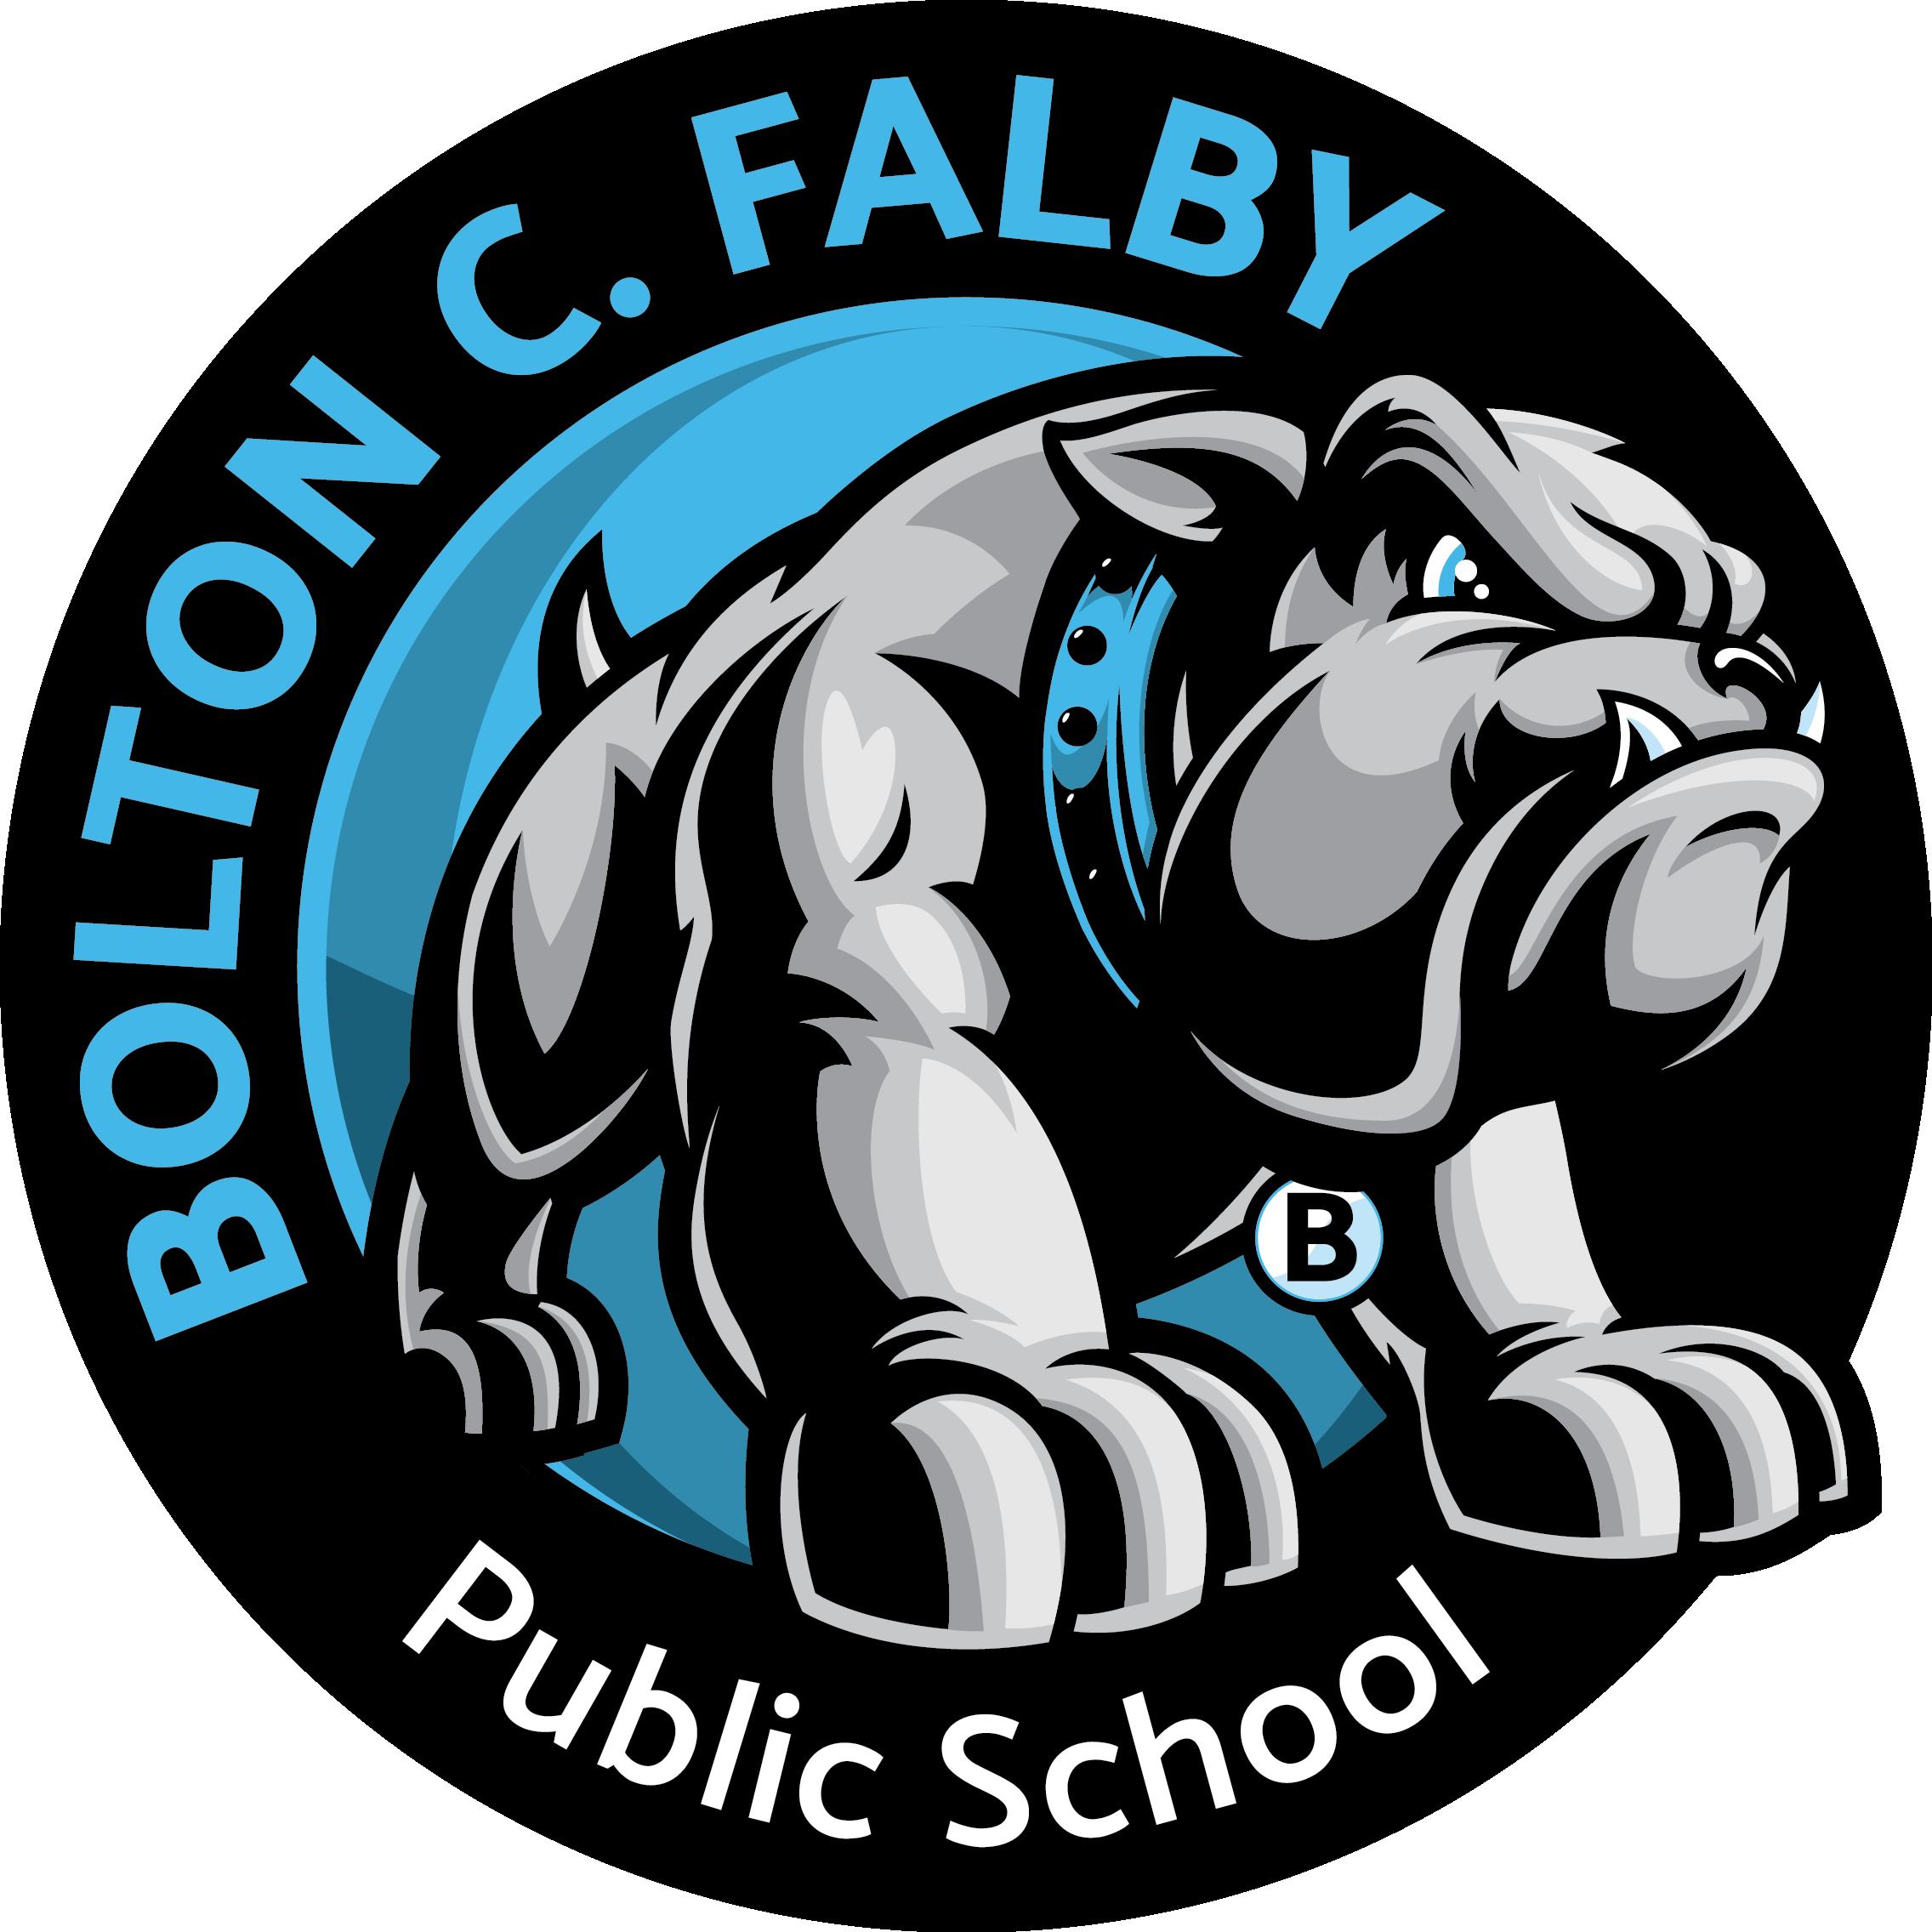 Bolton C. Falby Public School logo